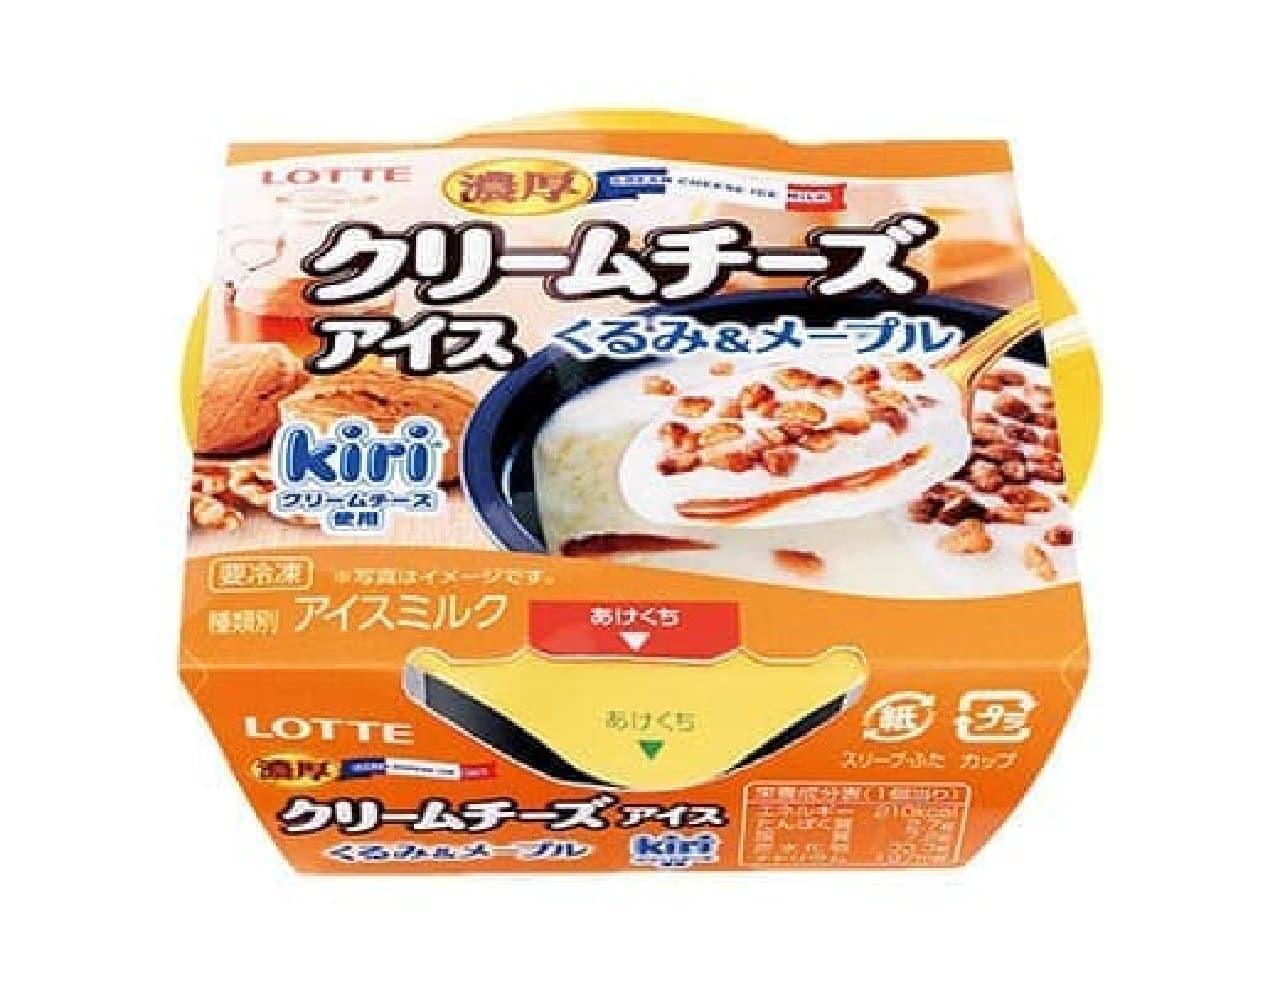 ロッテアイス 濃厚クリームチーズアイス